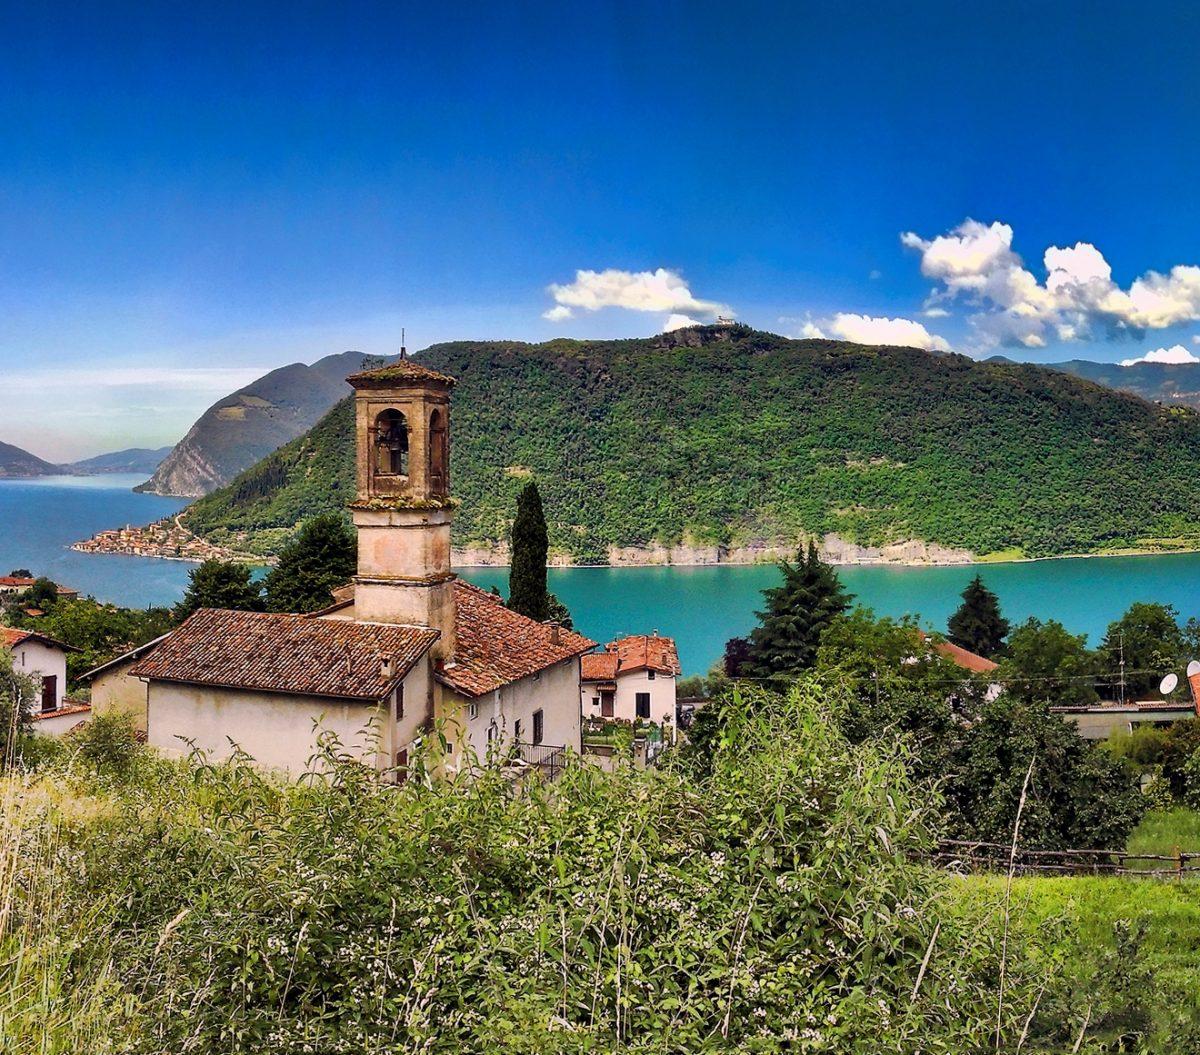 Monte isola uno dei borghi pi belli d 39 italia brescia - Foto di uno shamrock ...